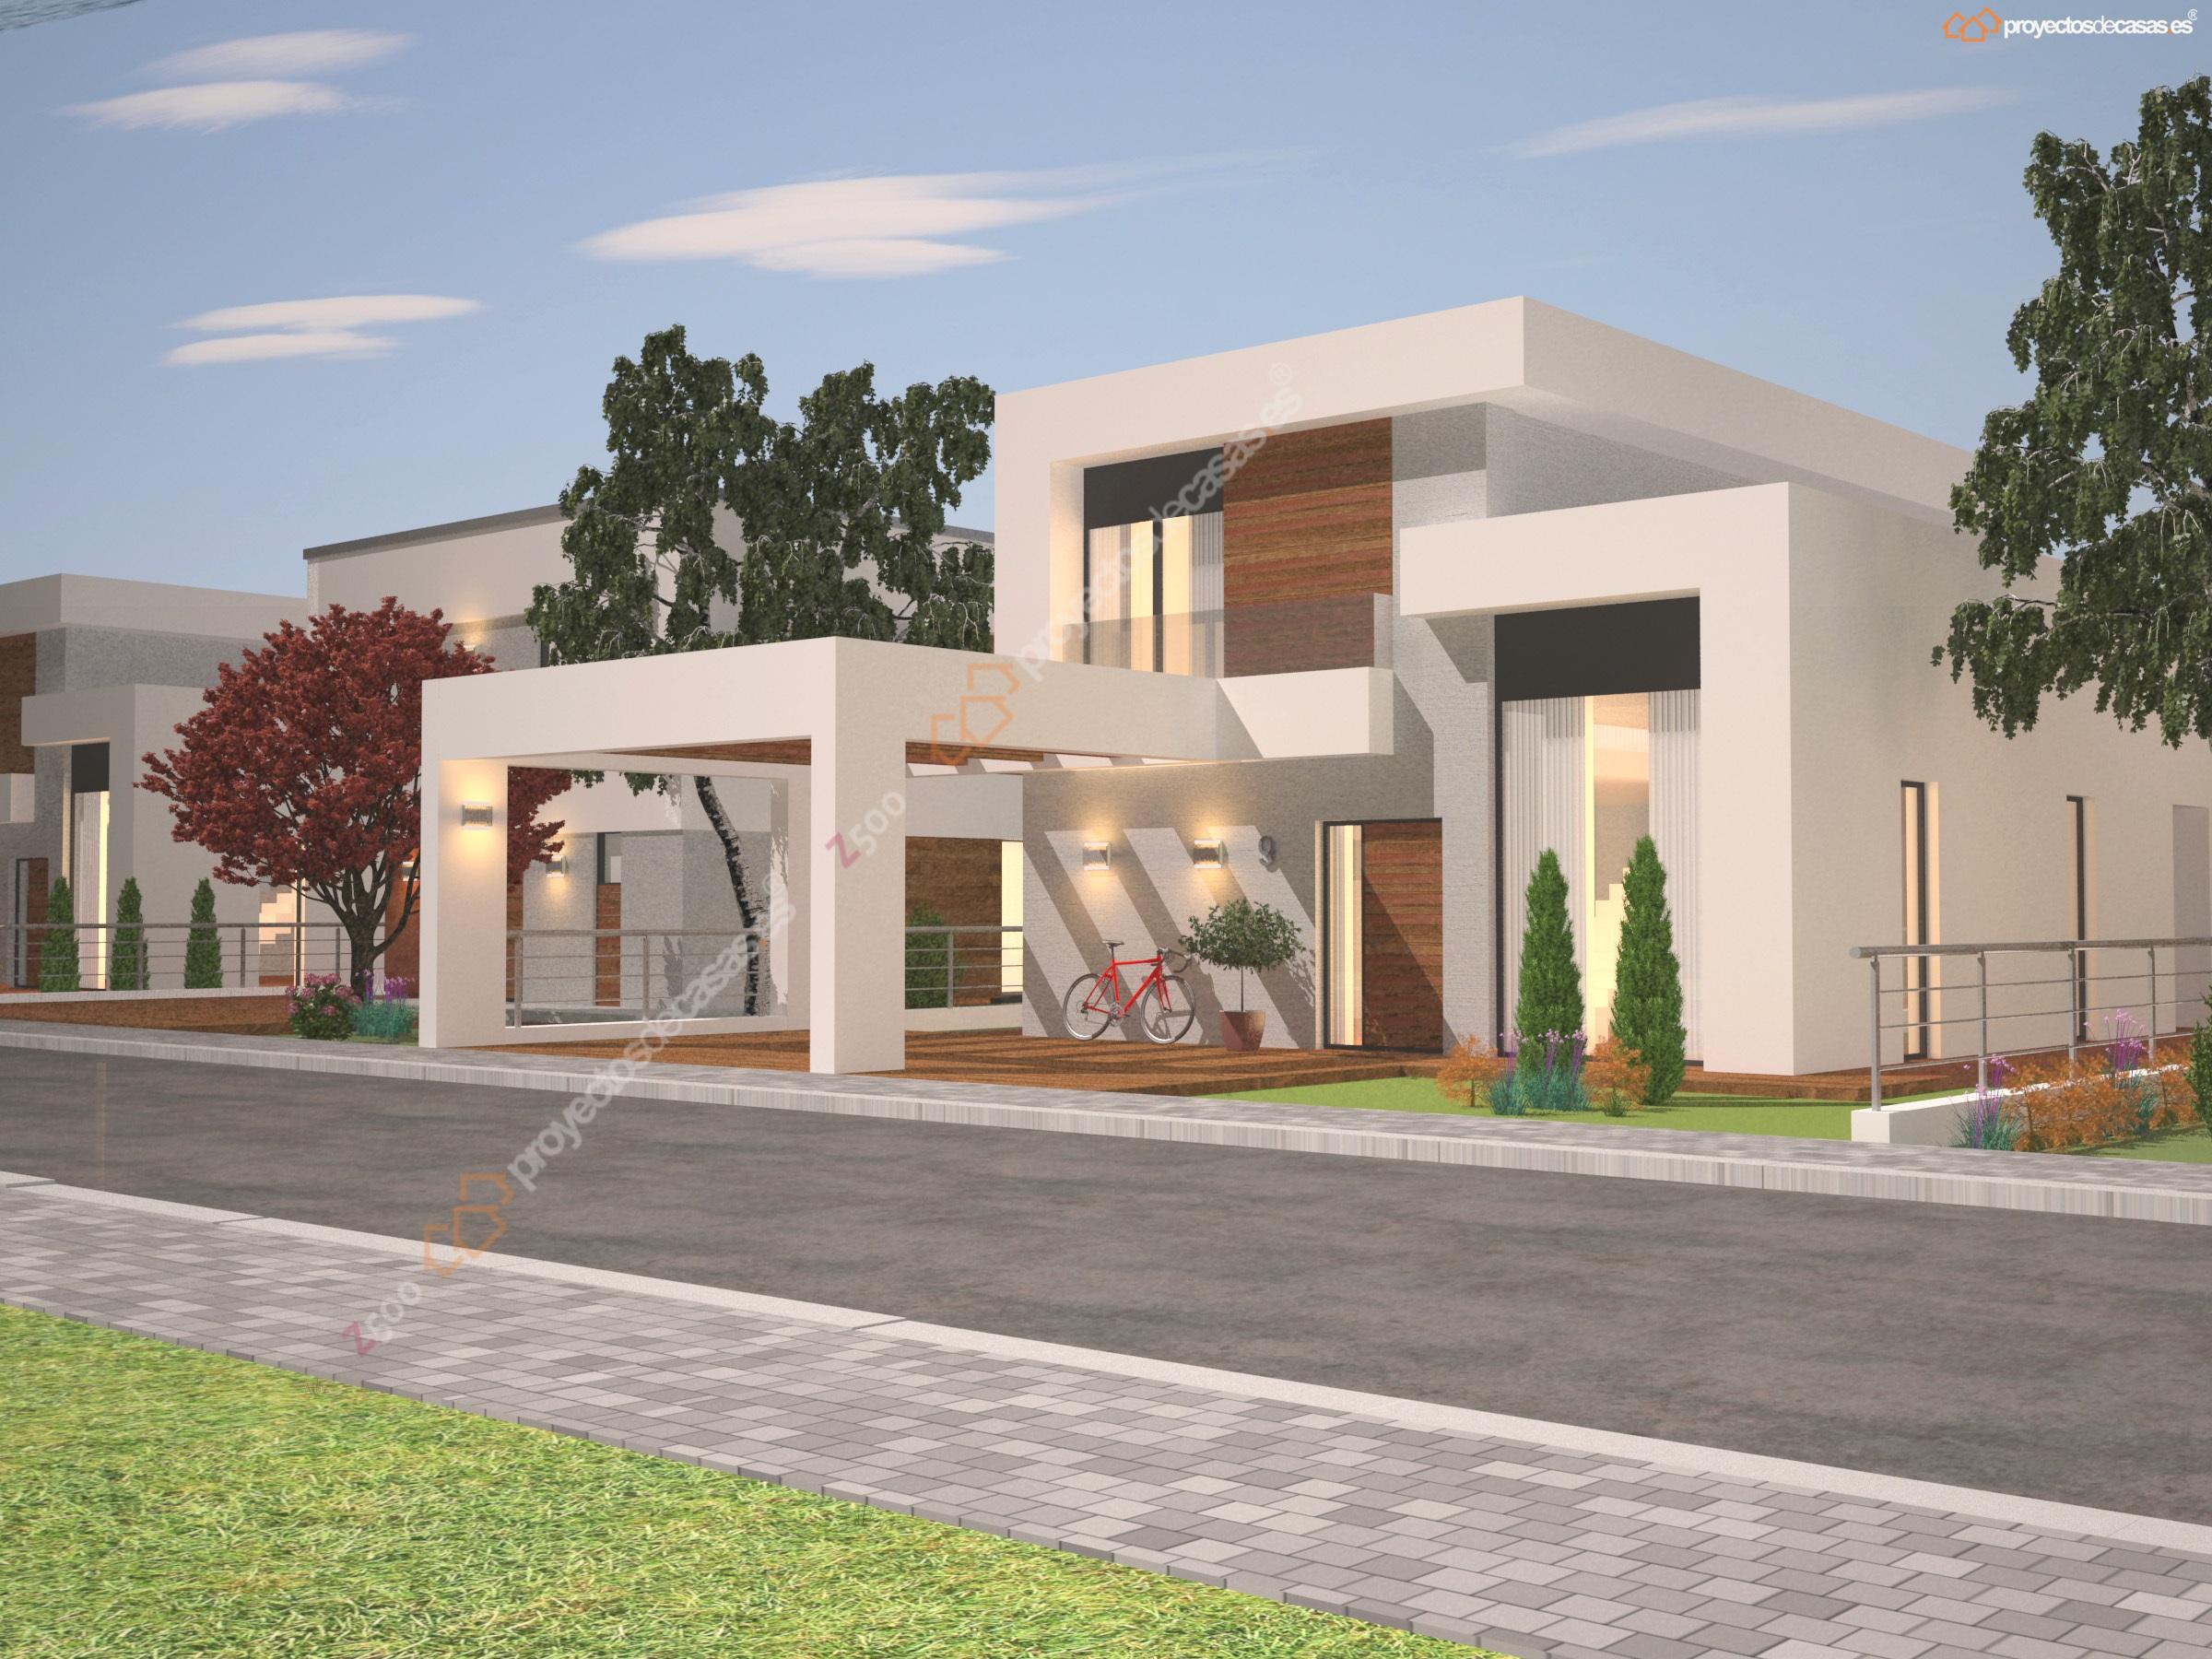 Obras proyectosdecasas dise amos y construimos casas for Diseno casas unifamiliares